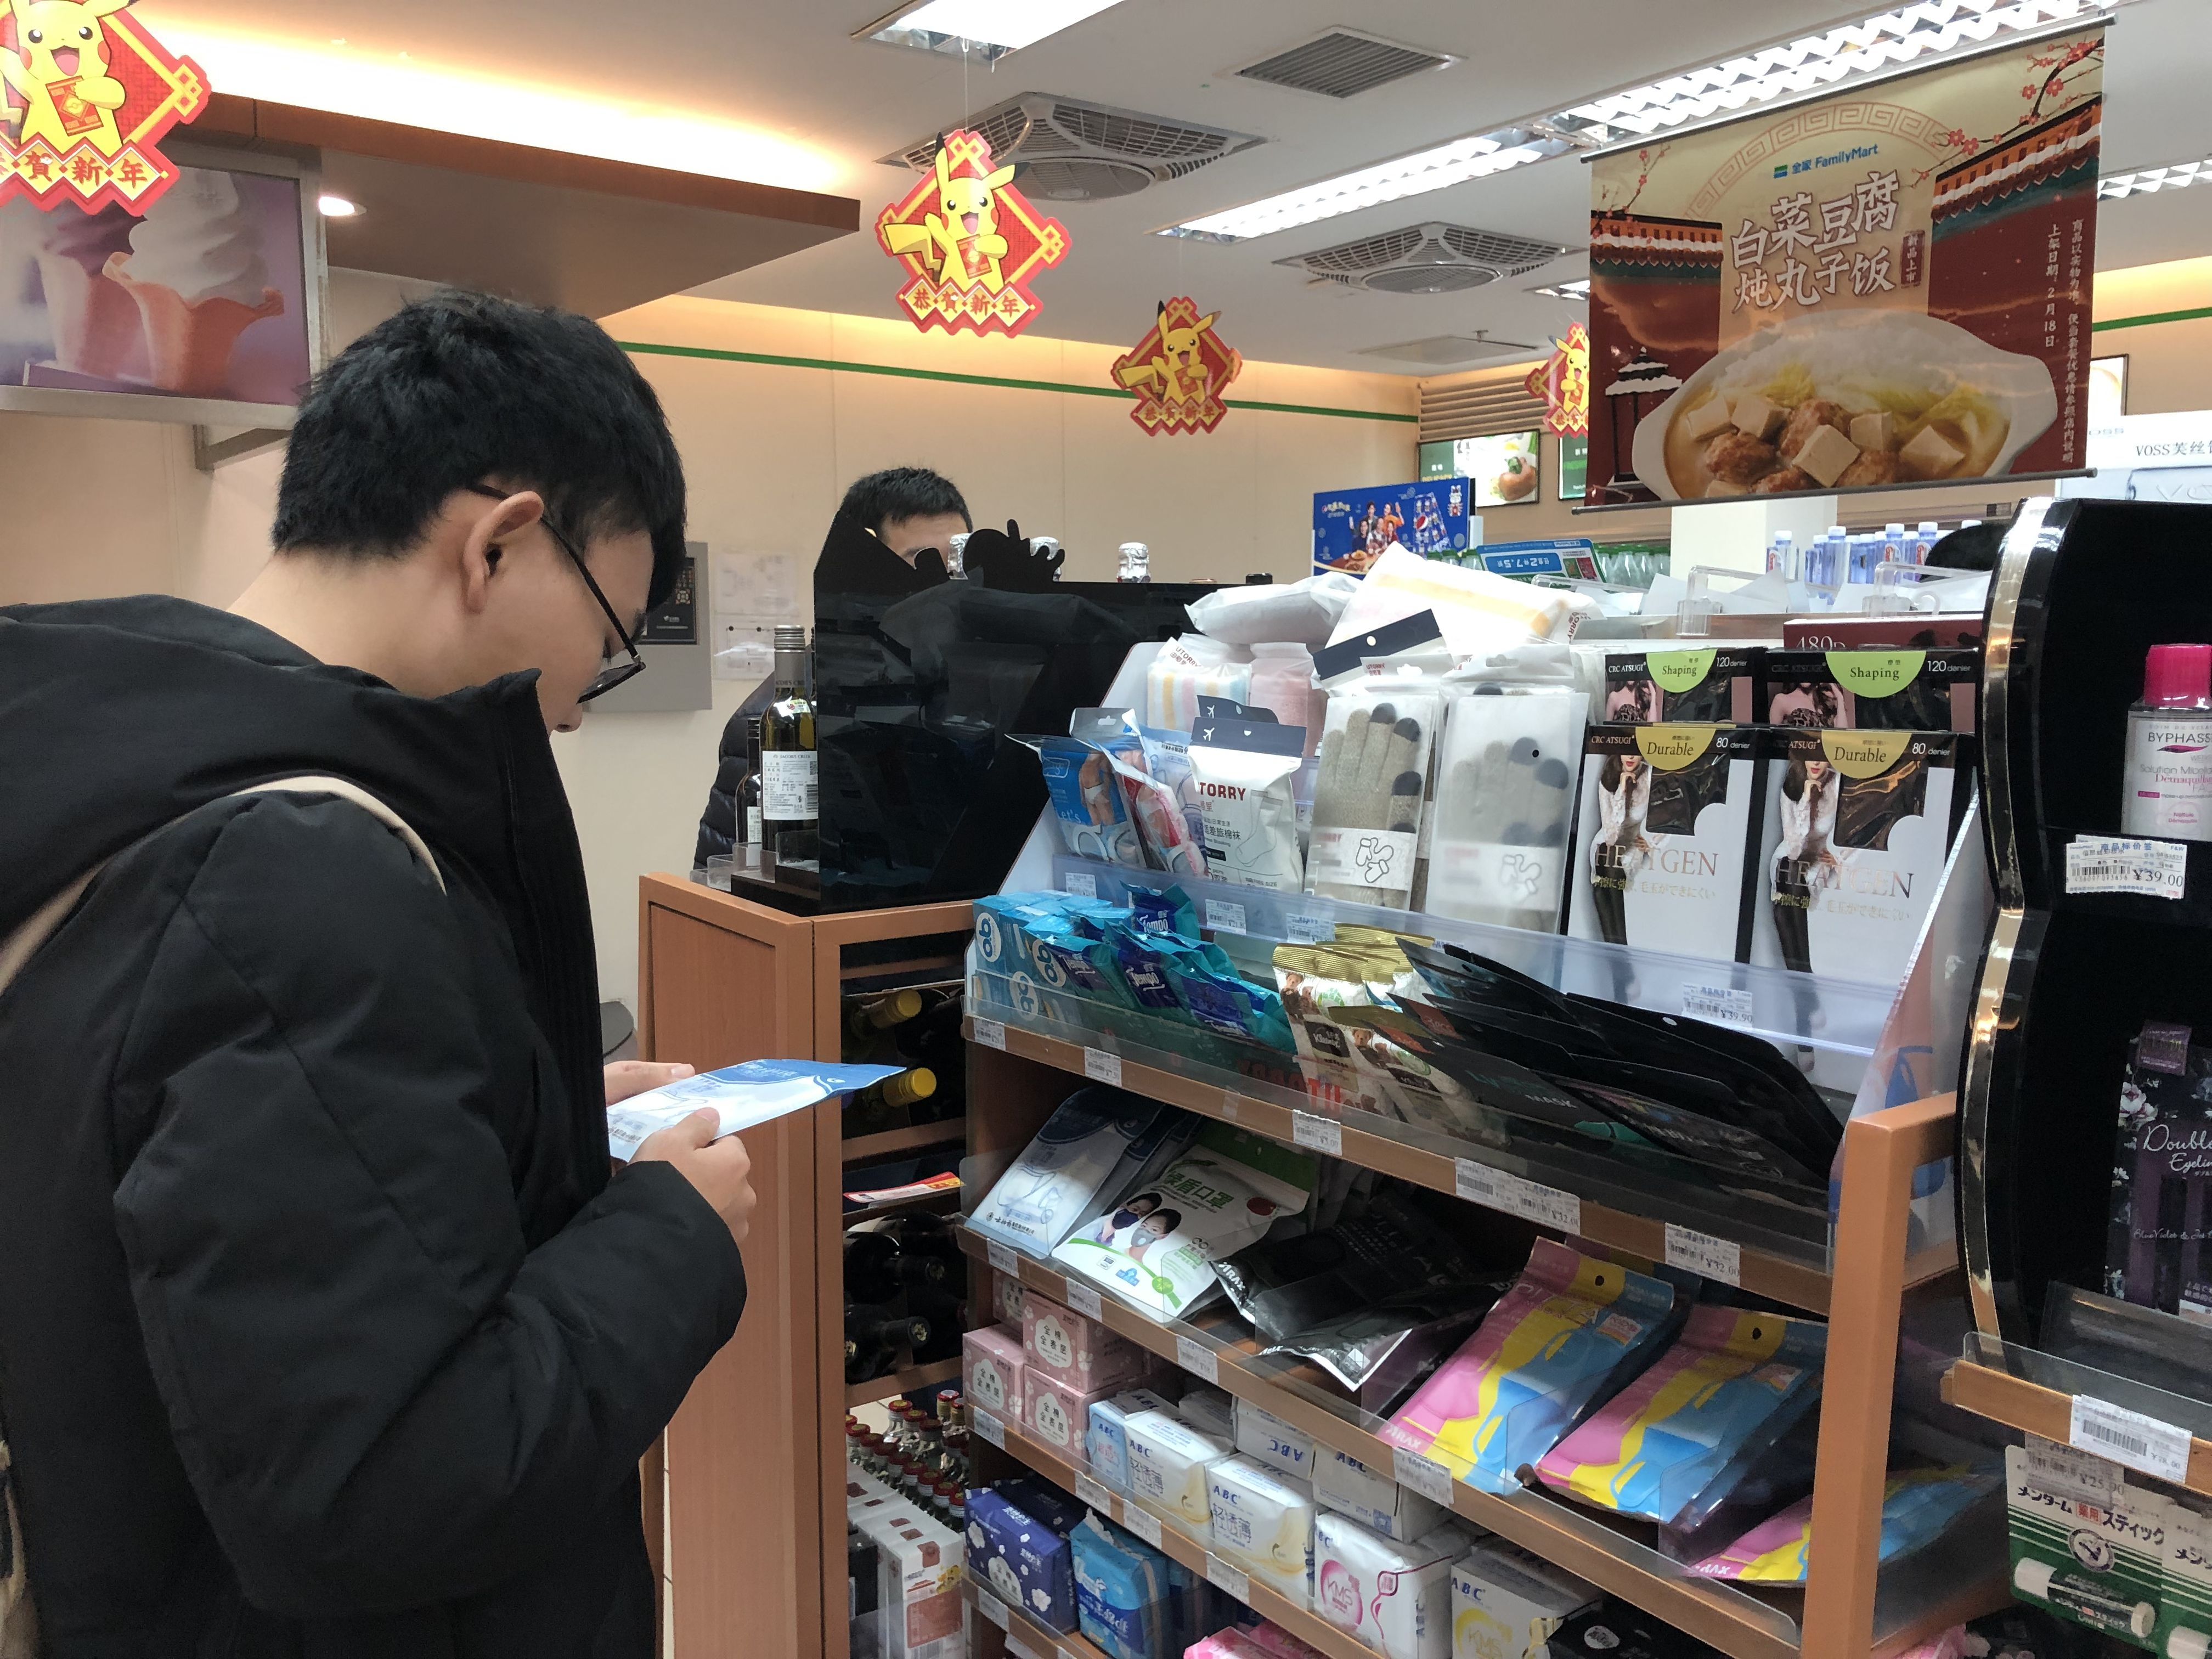 探访北京车站:未增设测量体温环节,旅客自行佩戴口罩